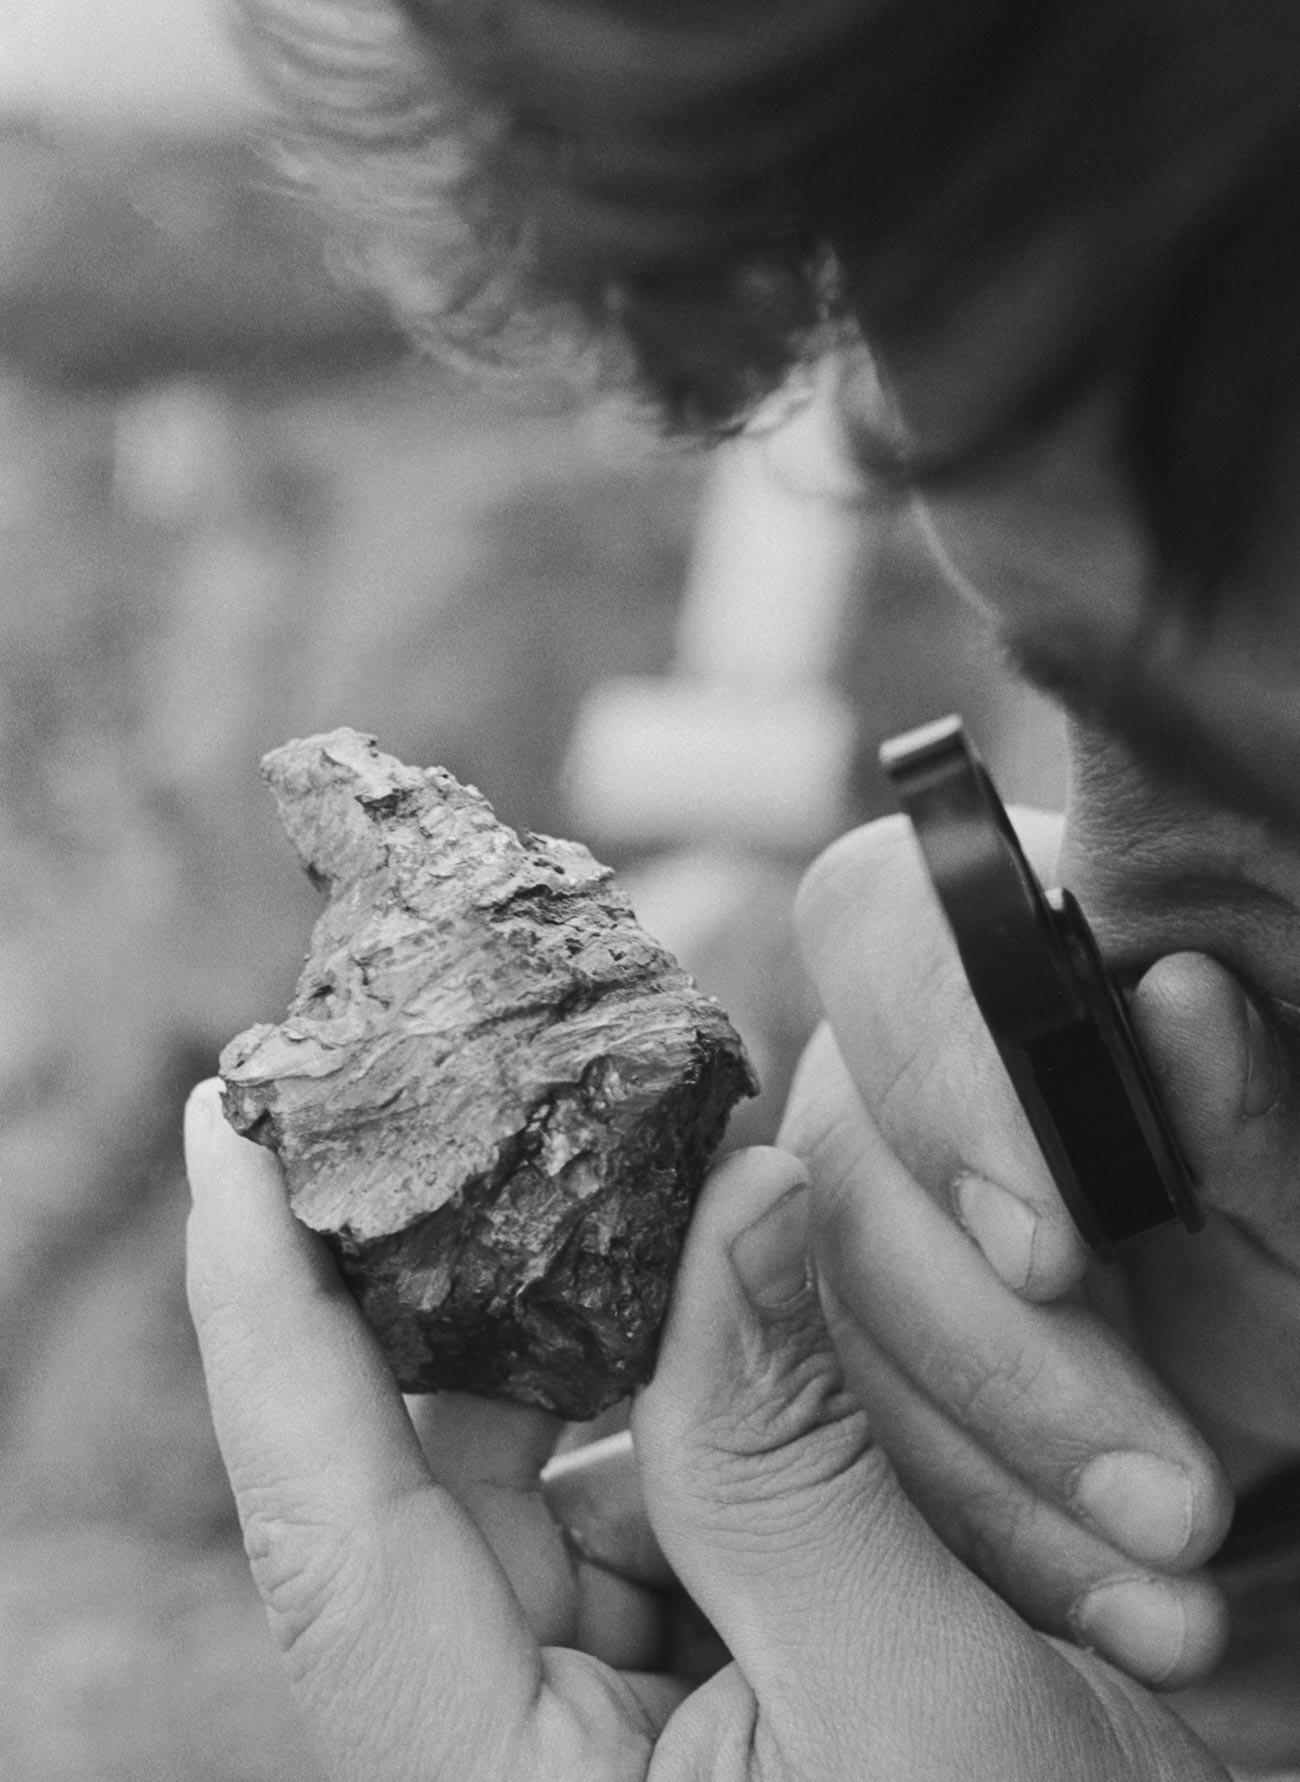 1990. Znanstvenik si ogleduje kos meteorita Sterlitamak.